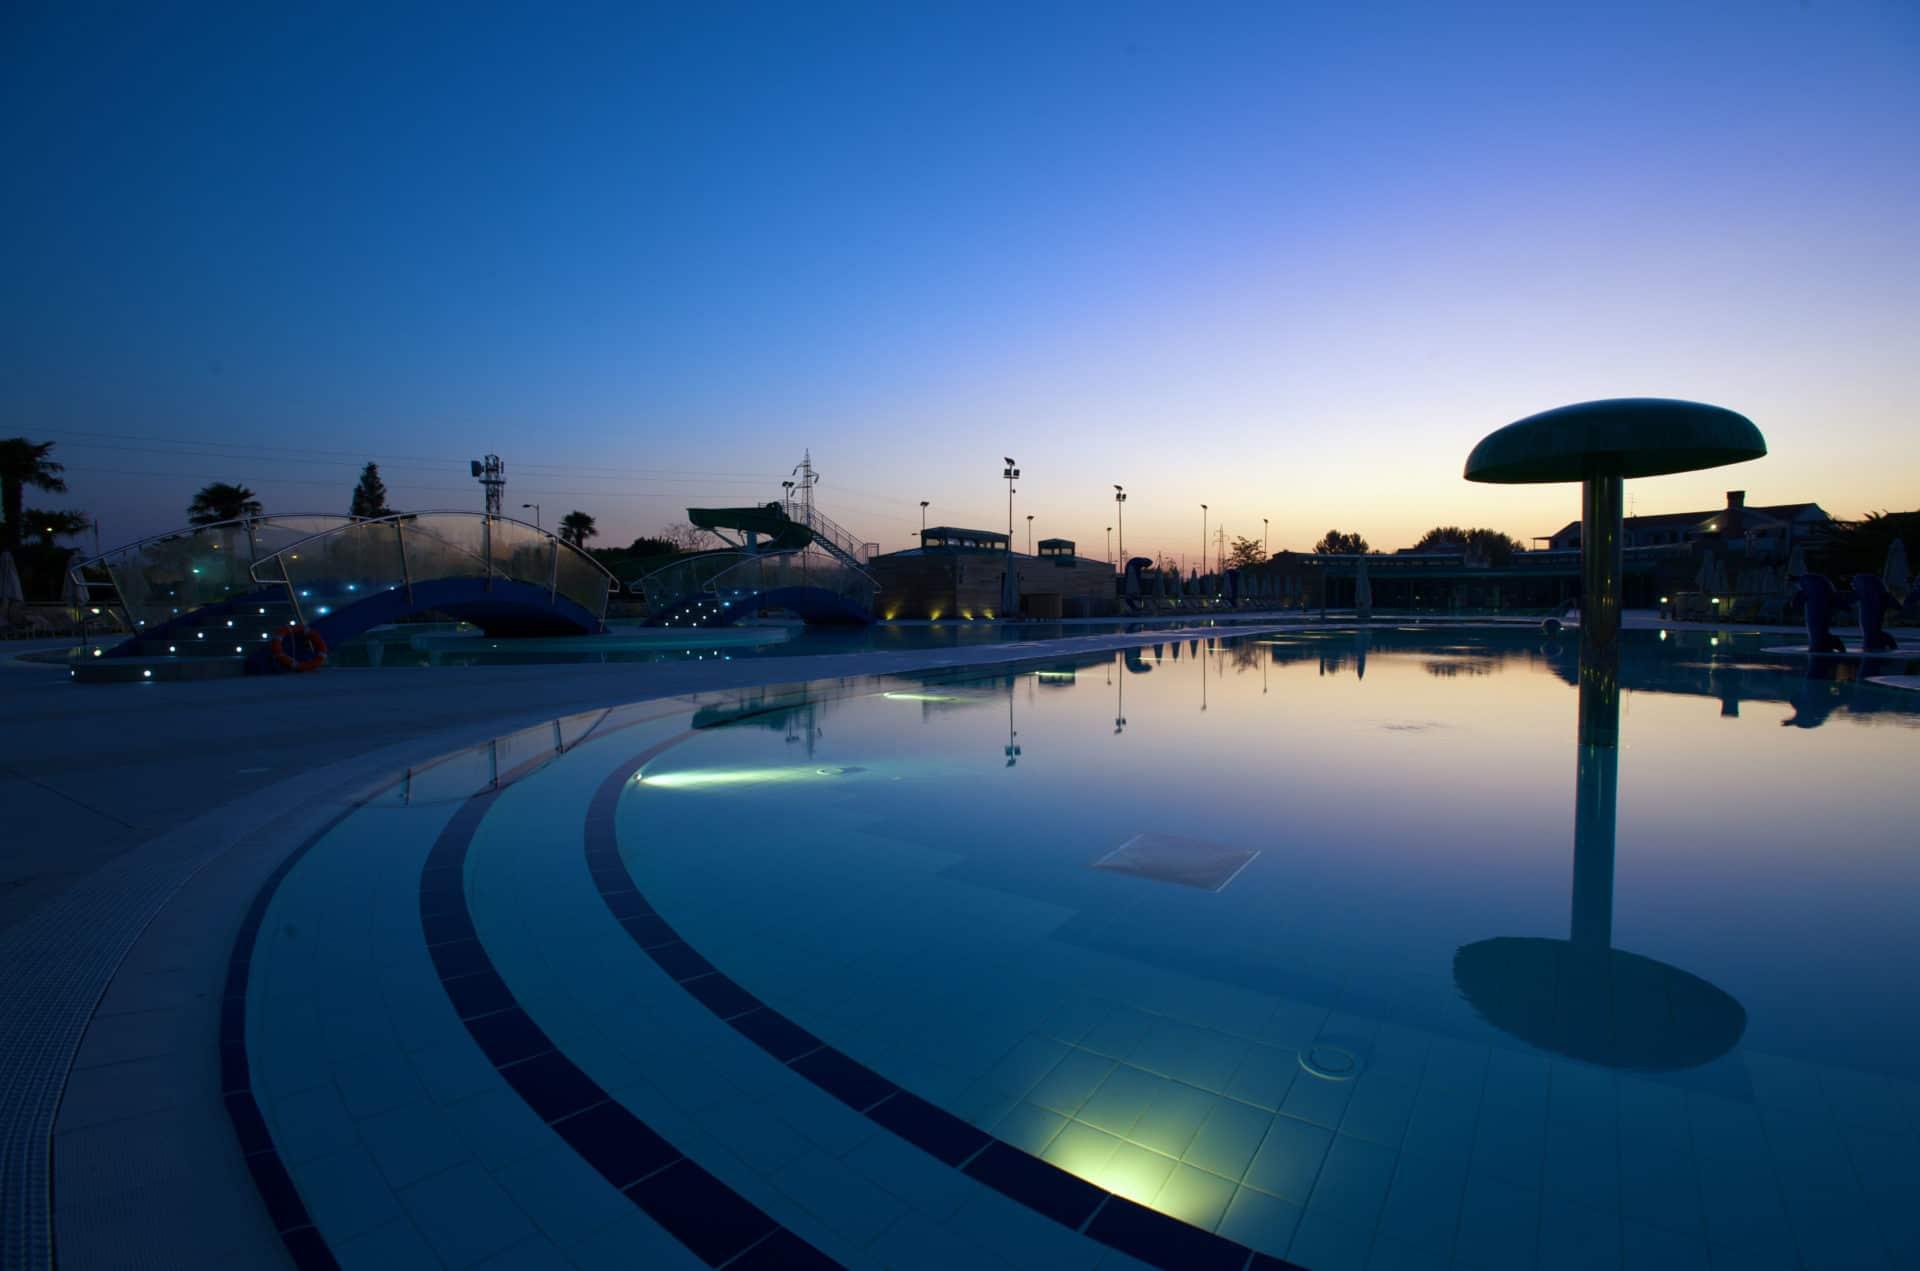 Campeggi a Venezia Europa Village Camping, piscina di notte